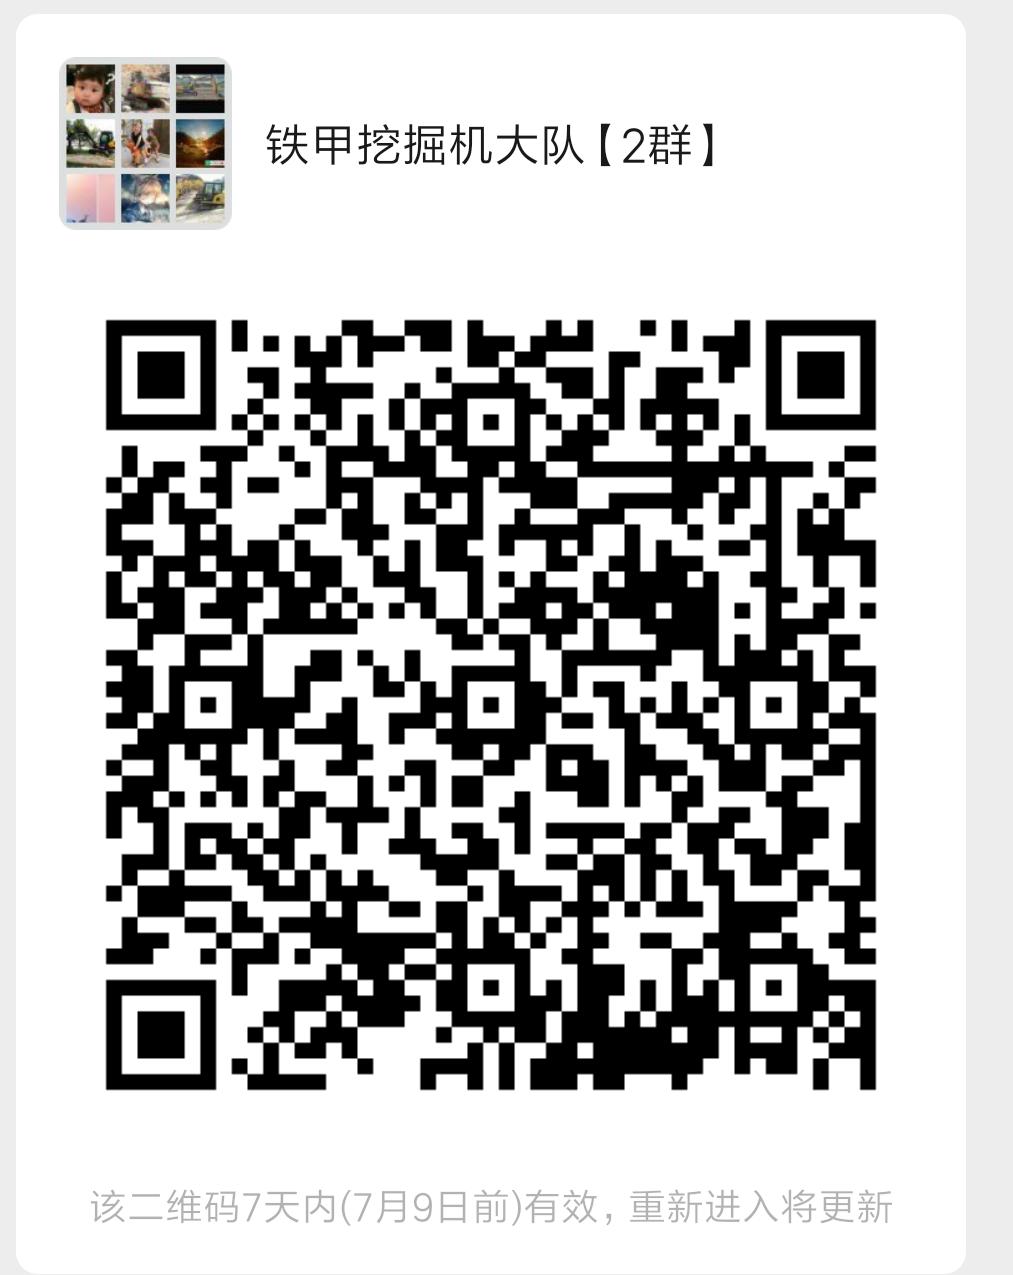 【获奖公布】我的久保田情,甲友们抓紧领奖了!!